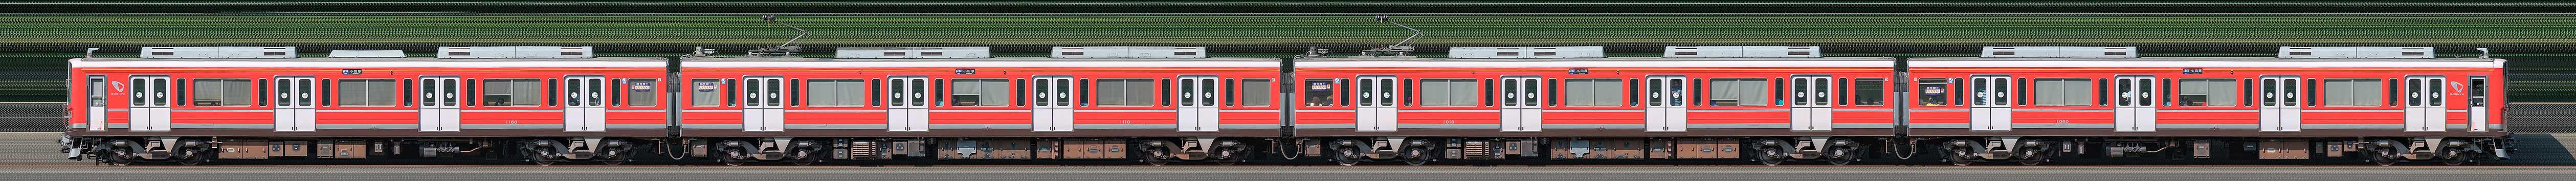 小田急1000形1060×4(レーティッシュ鉄道色・海側)の編成サイドビュー